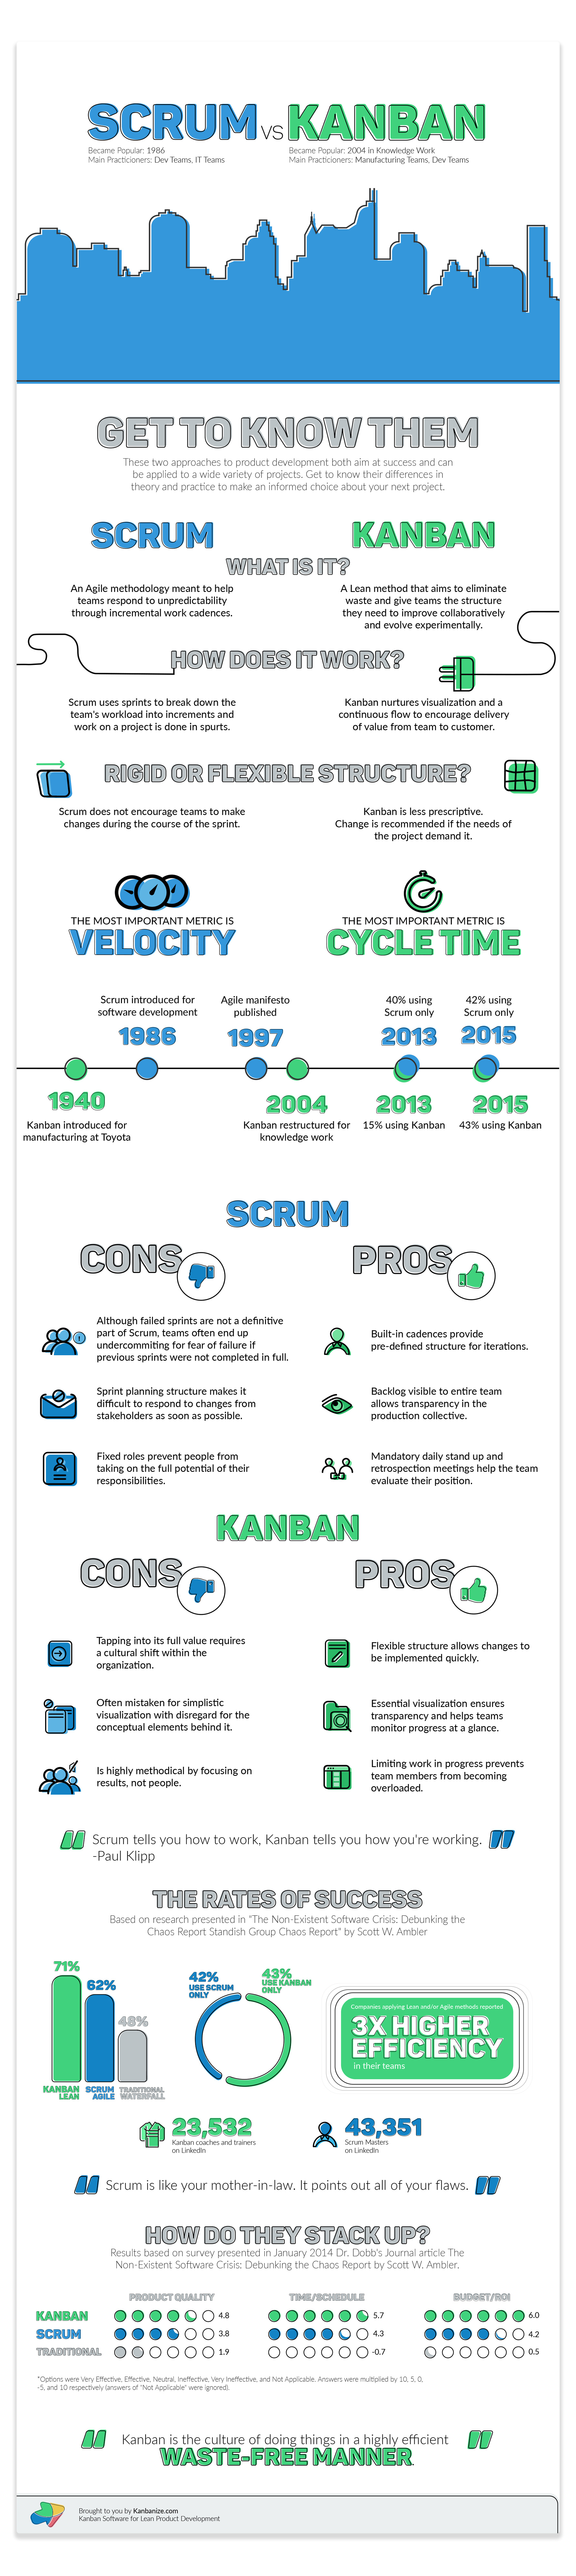 kanban-vs-scrum-inforgraphic-blog